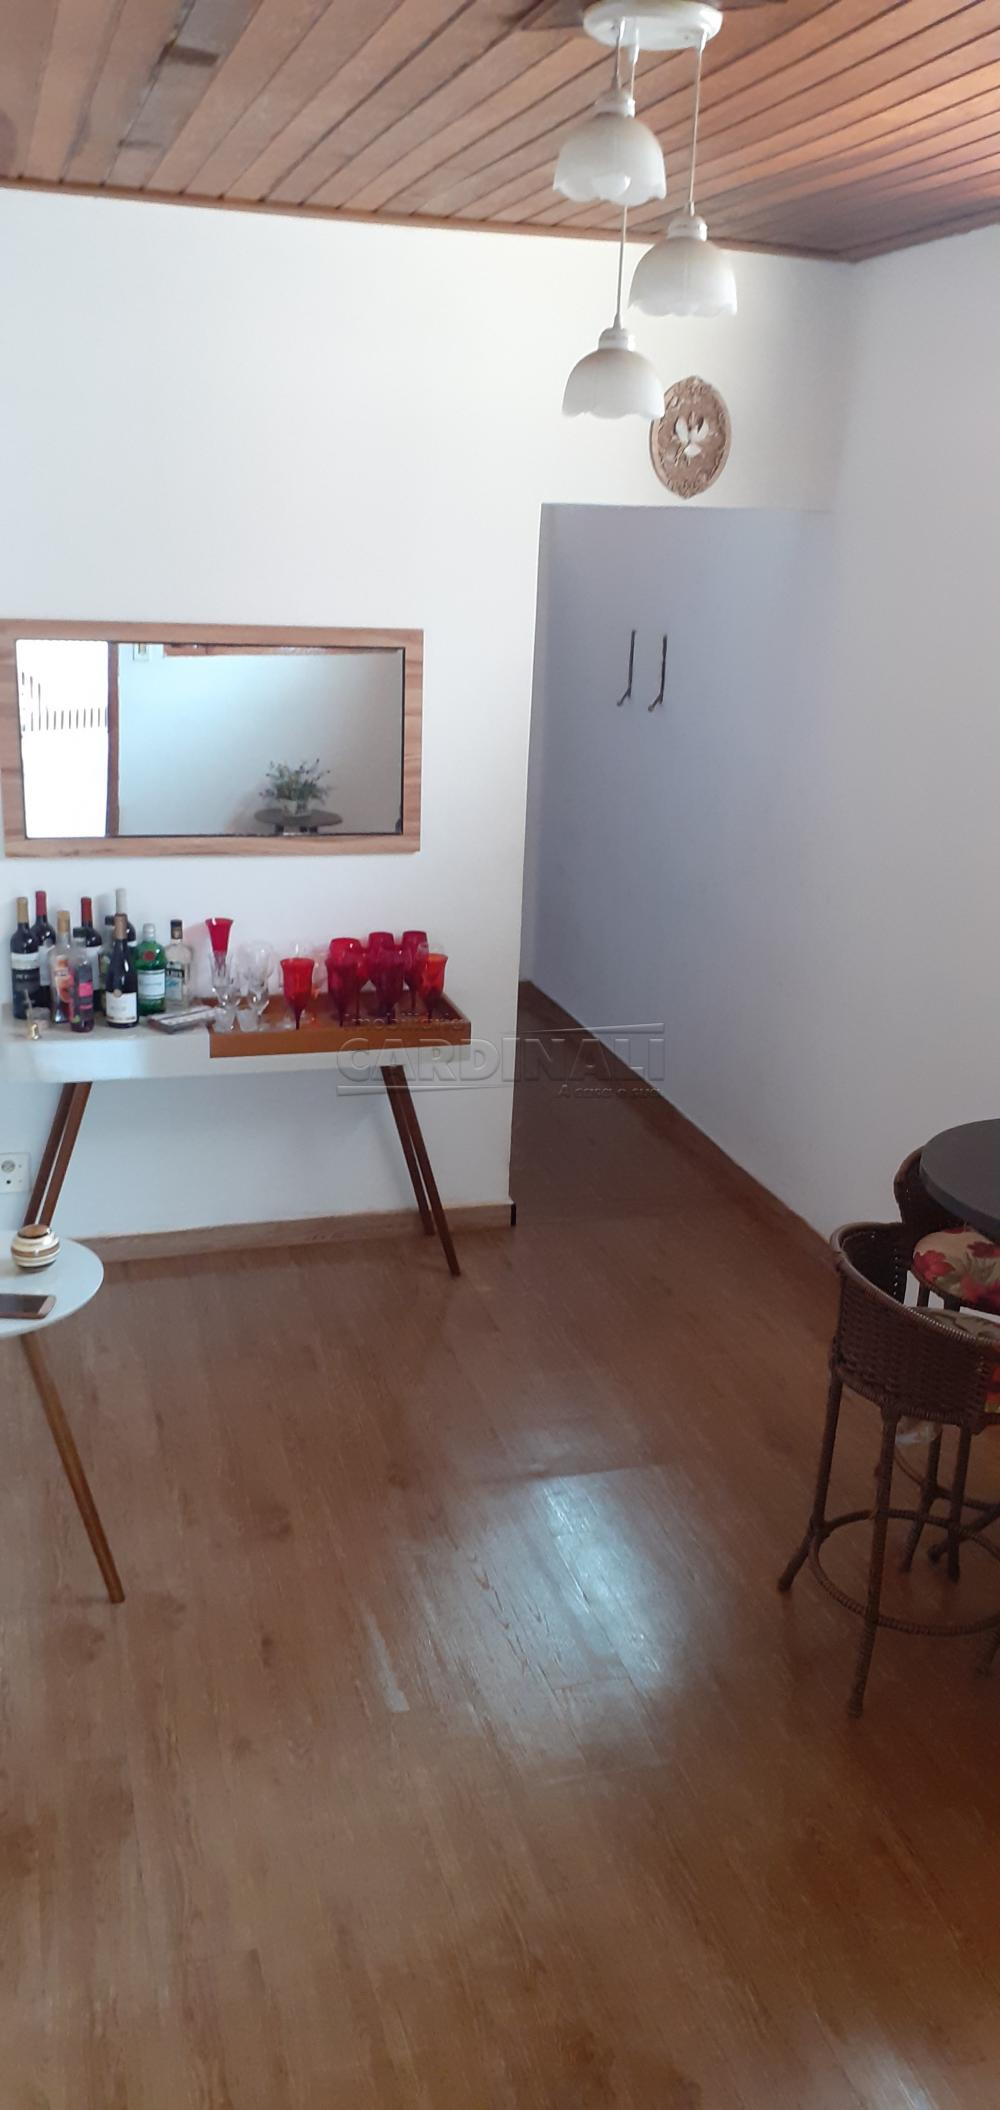 Alugar Casa / Padrão em São Carlos R$ 1.900,00 - Foto 9